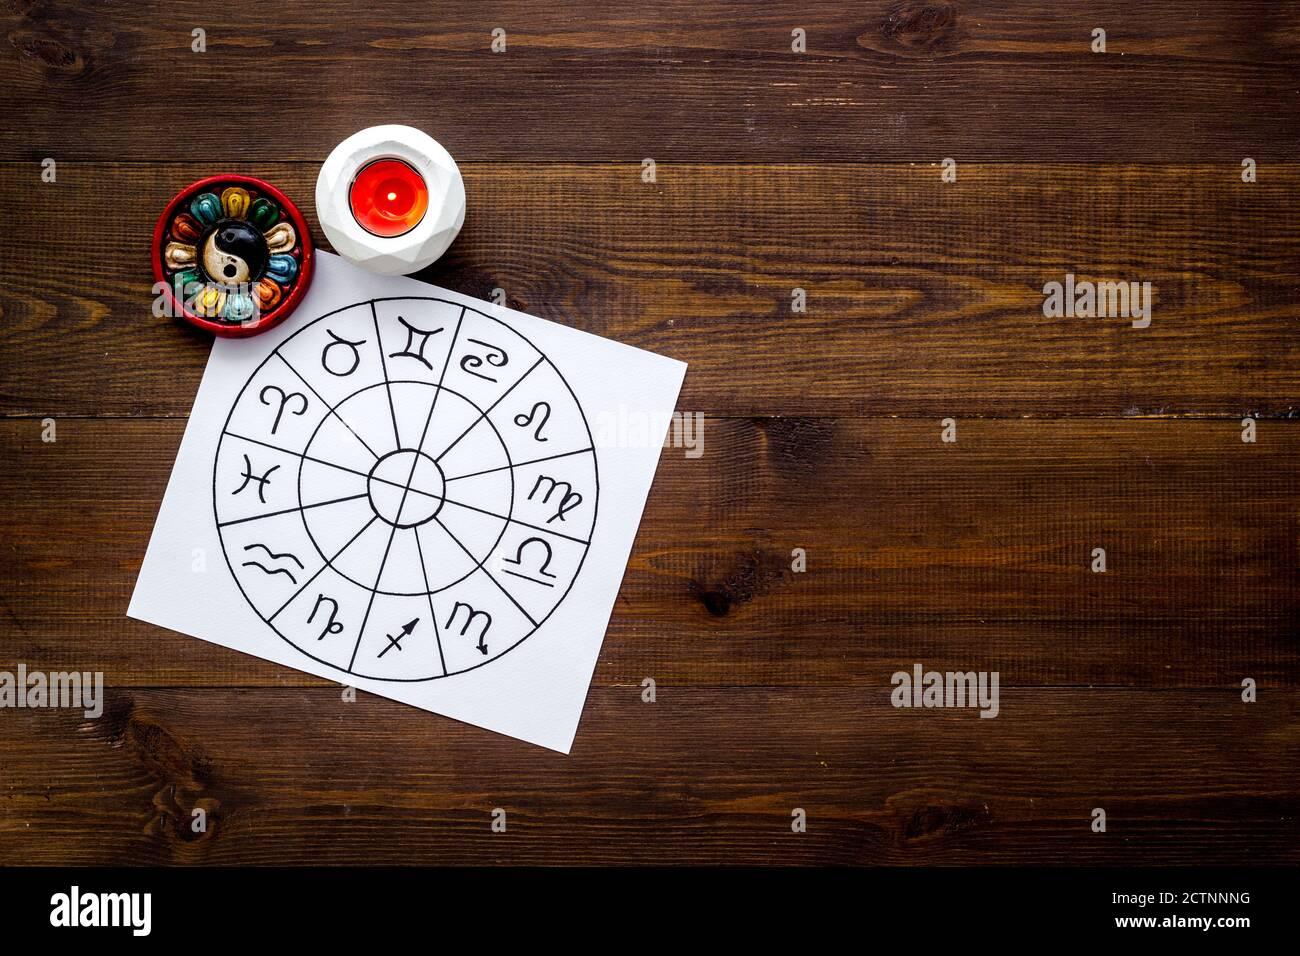 Roue de l'horoscope des symboles du zodiaque sur le lieu de travail Banque D'Images